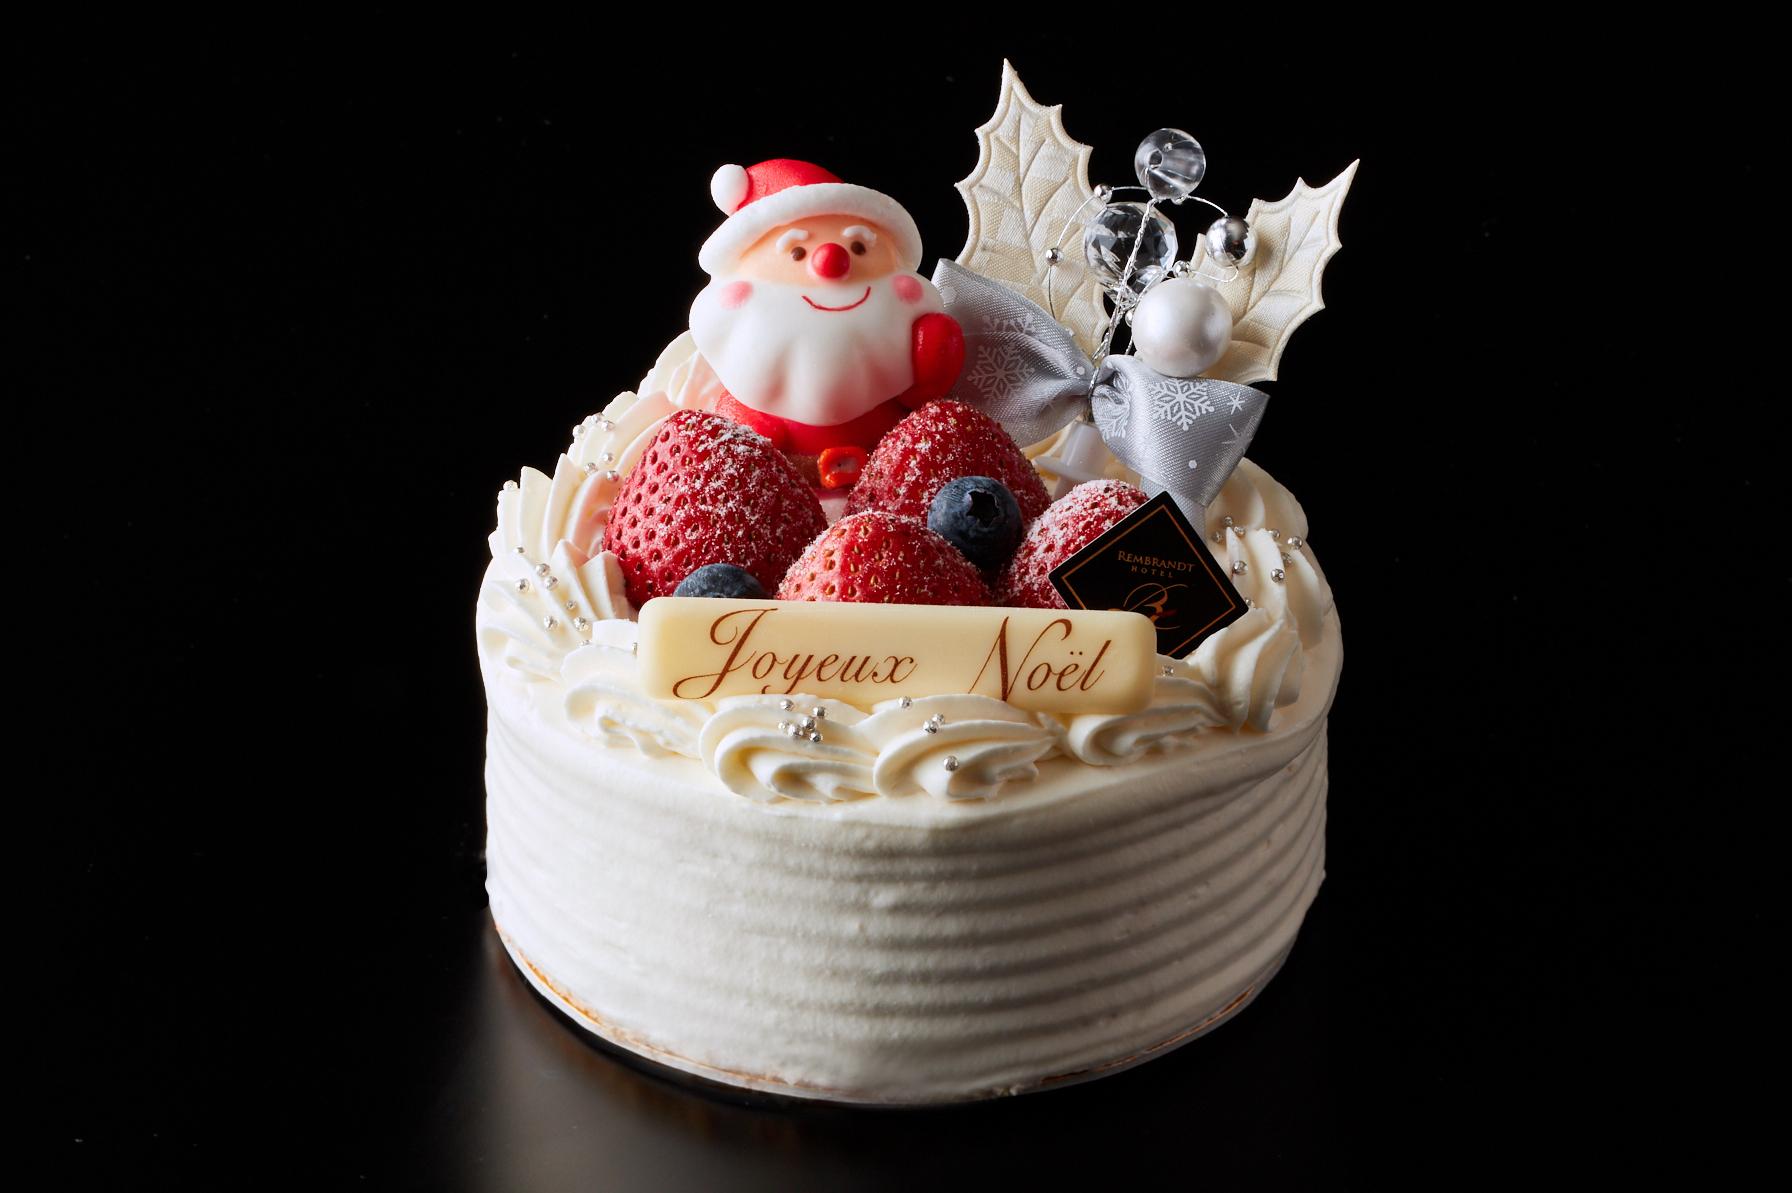 クリスマス生ショートケーキ4号